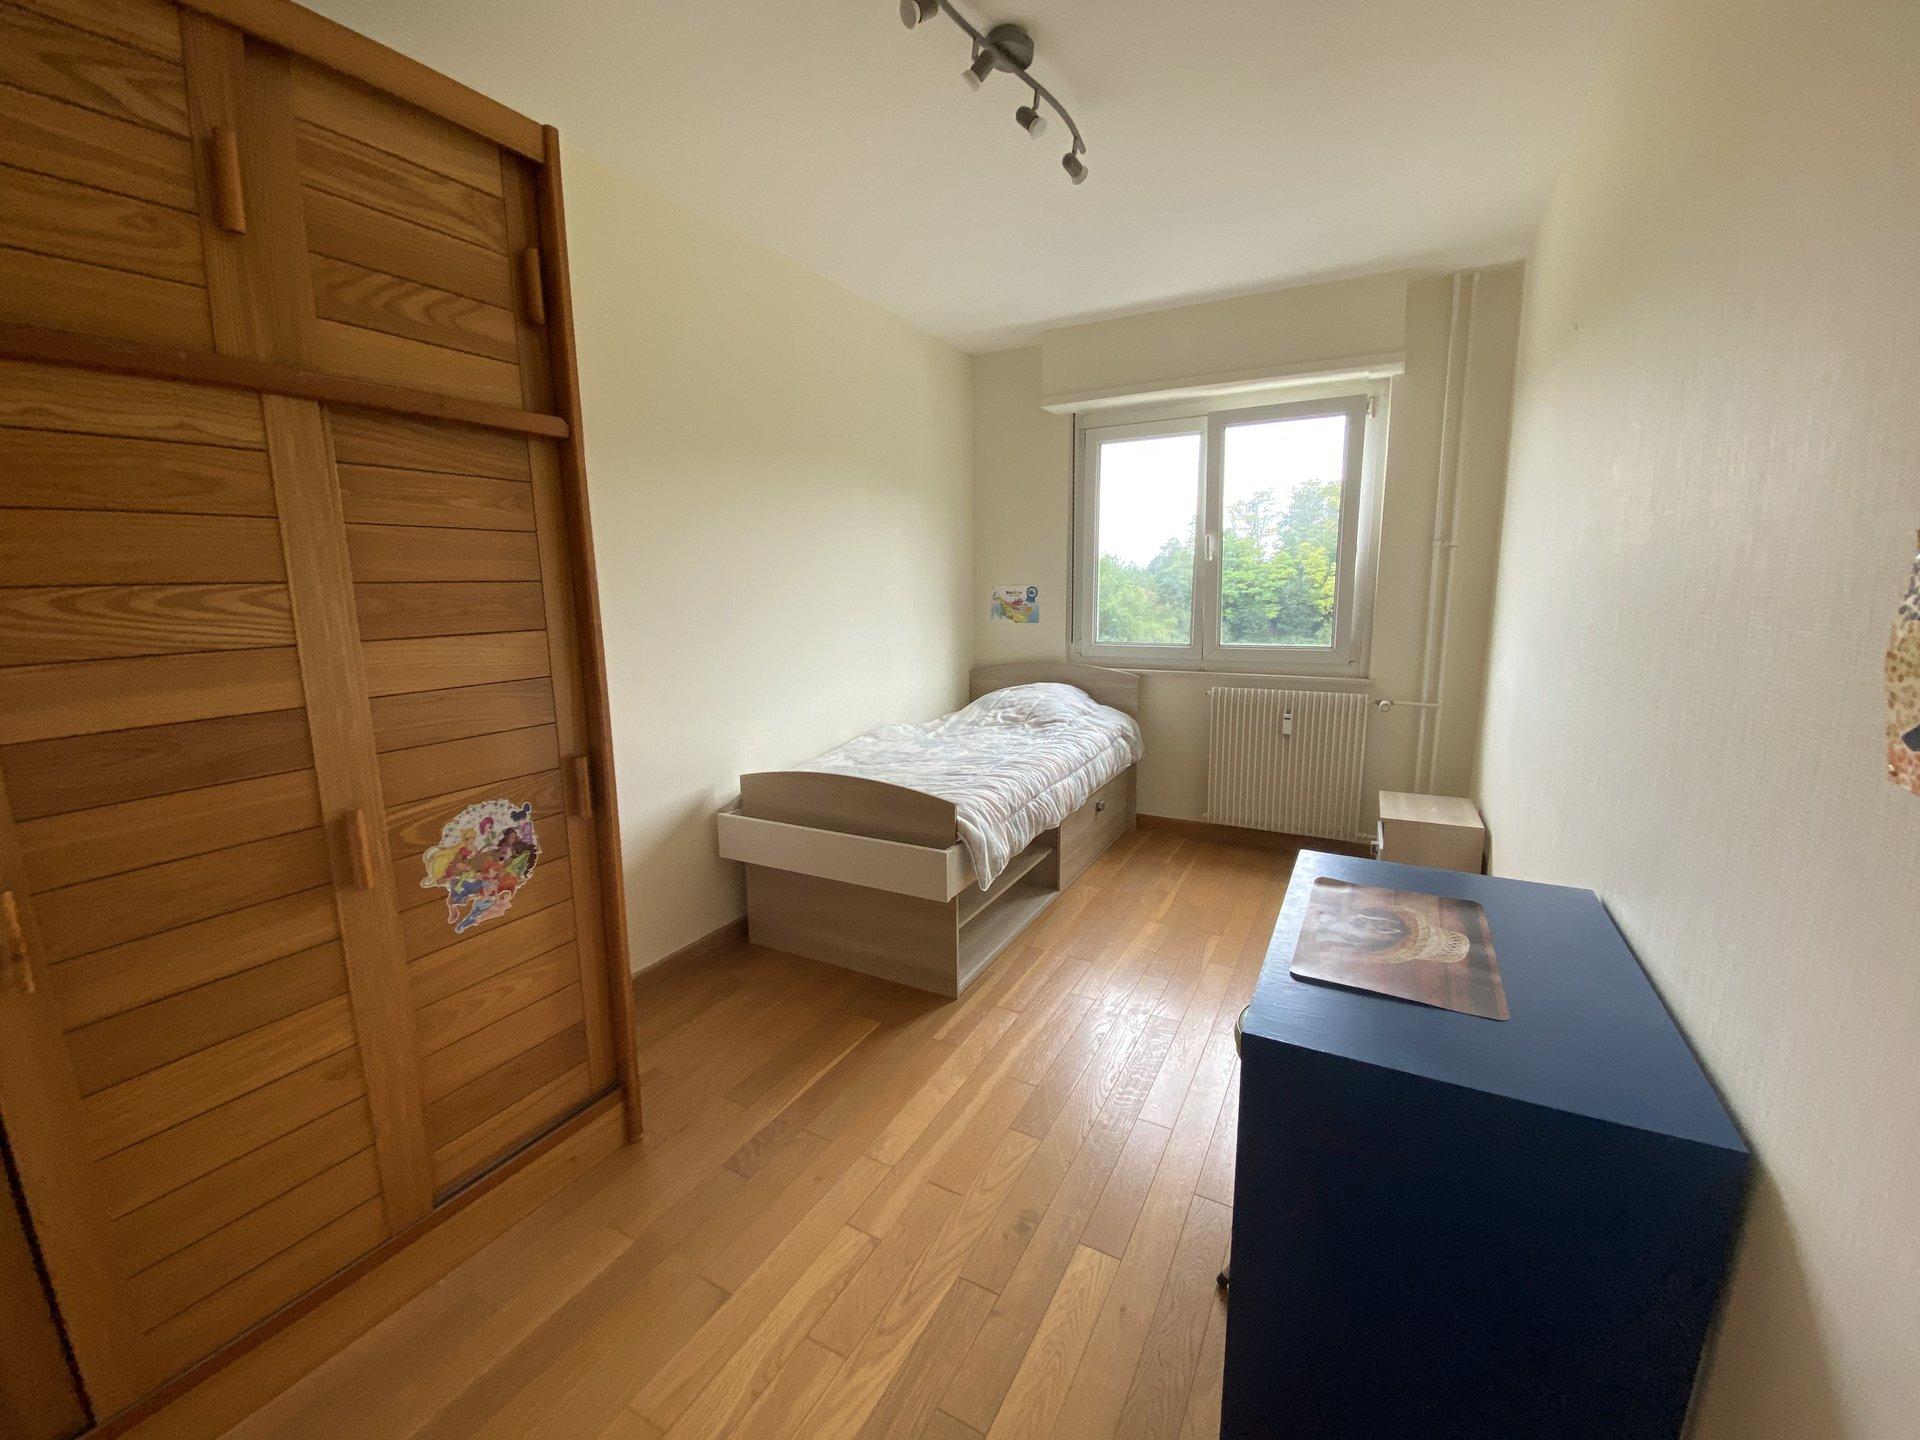 Appartement T3 Hoenheim meublé